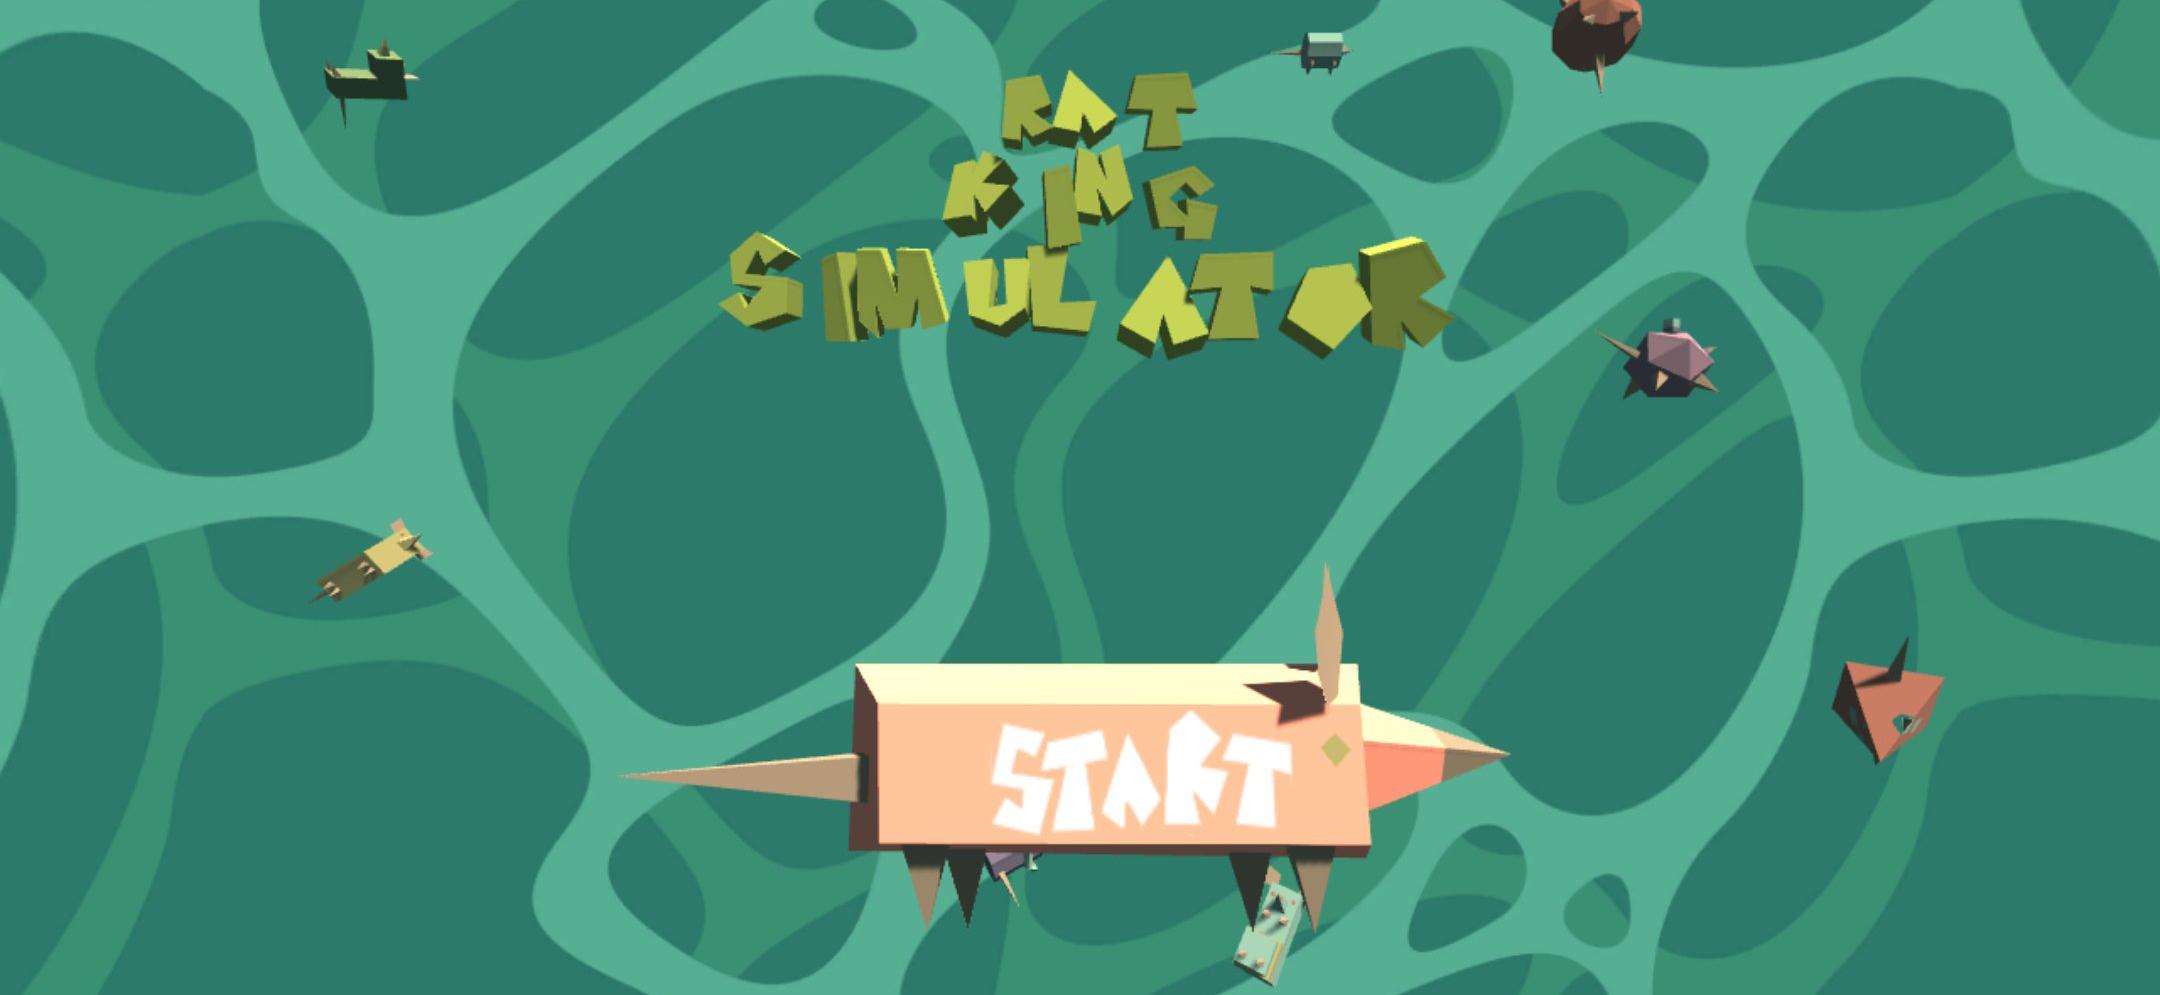 Rat King Simulator